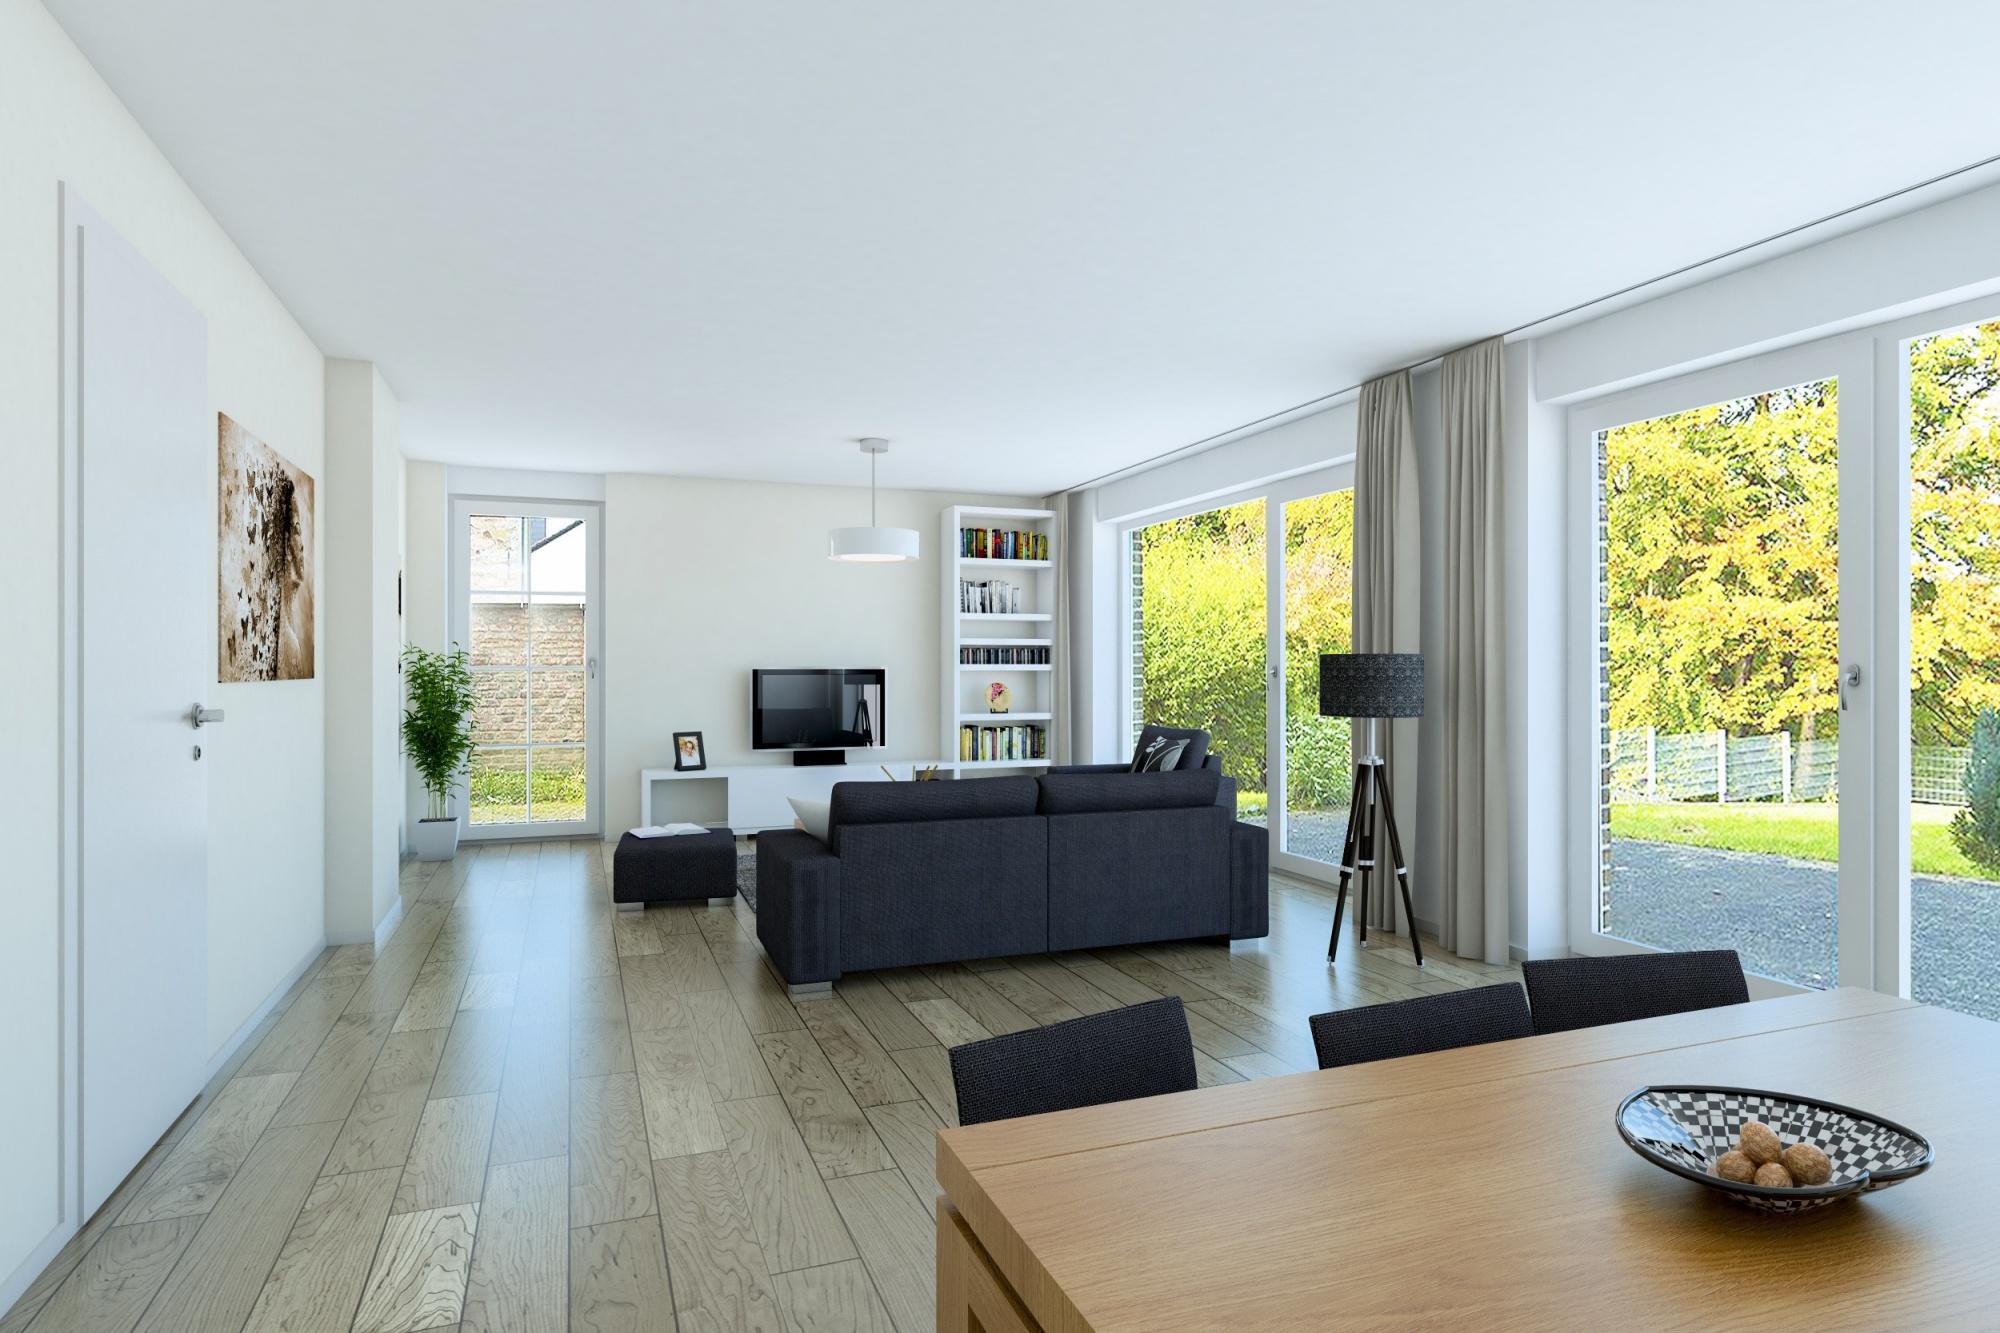 Immobilienmakler Roetgen-Rott Einfamilienhaus referenzen mit Immobilienbewertung